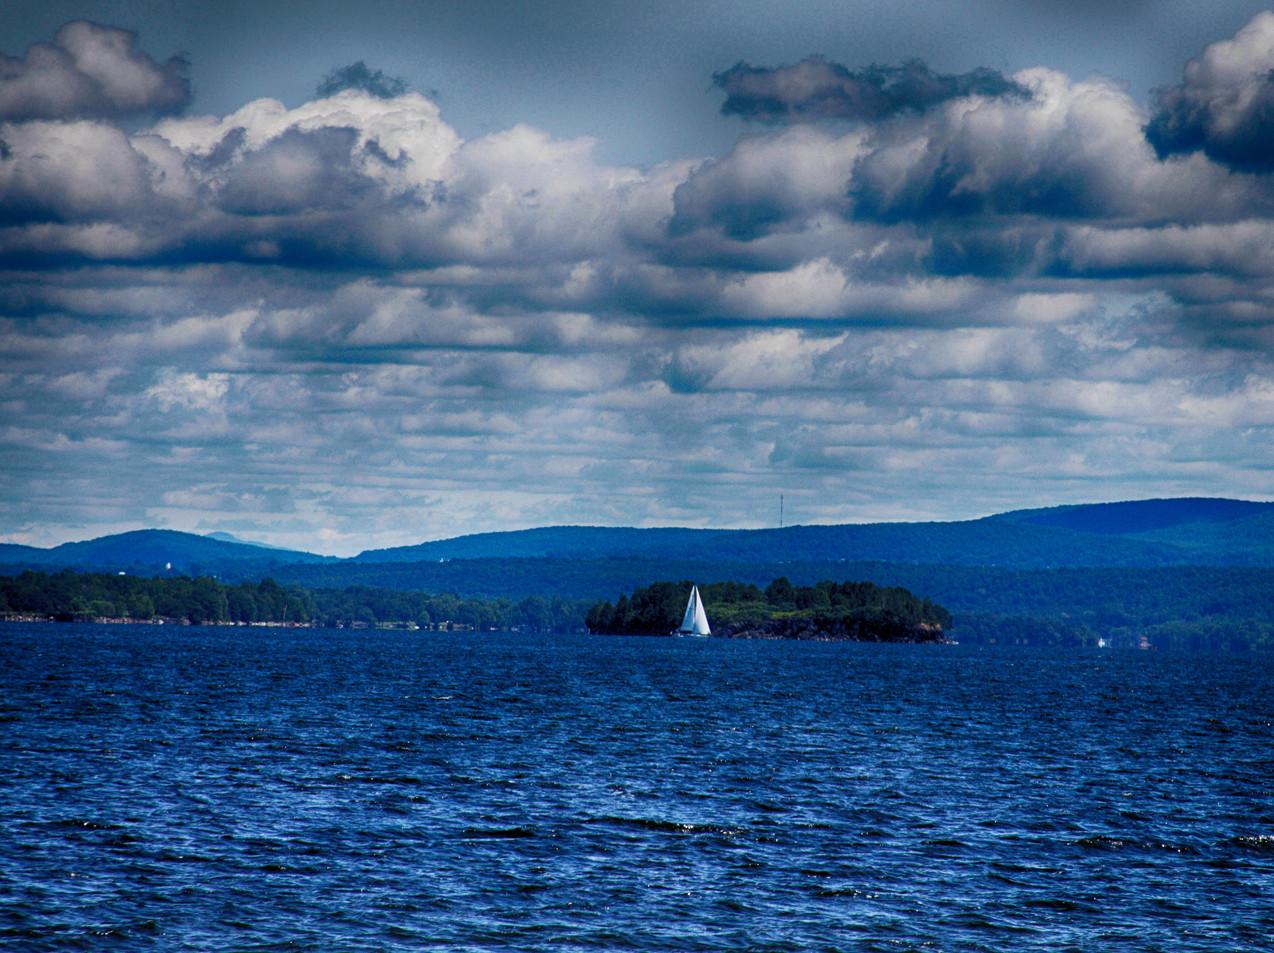 A Lone Sail